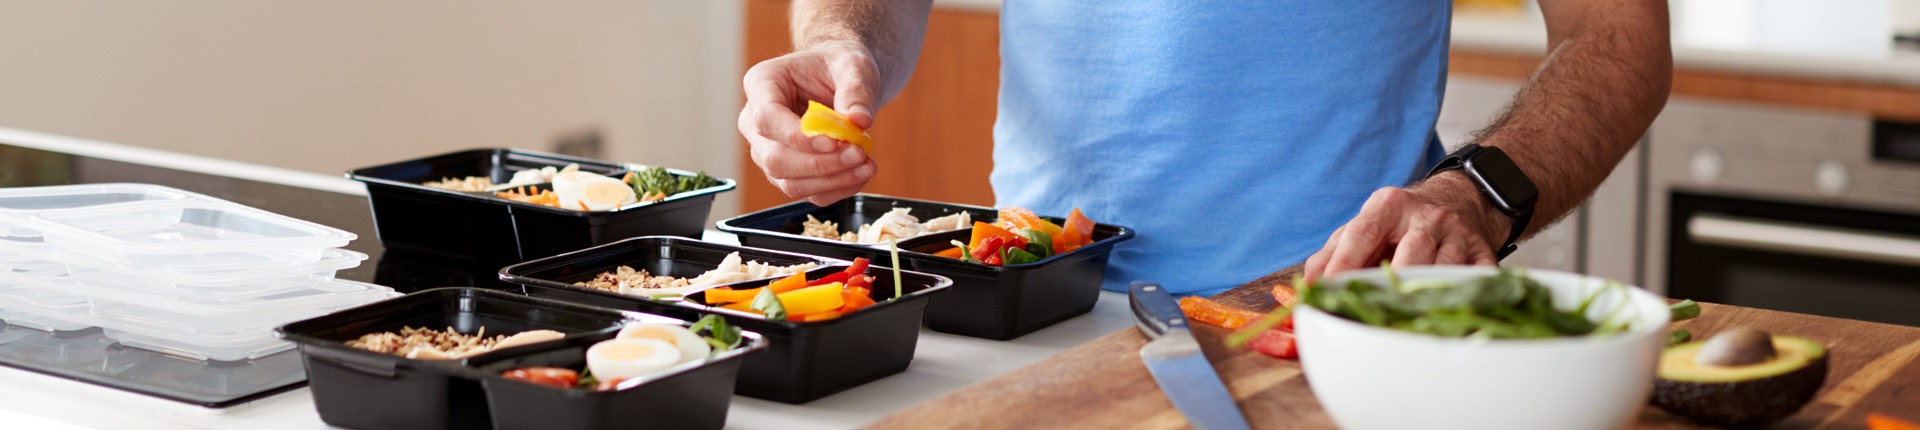 Co trzeba wiedzieć o diecie i zdrowym odżywianiu? Poznaj podstawy!